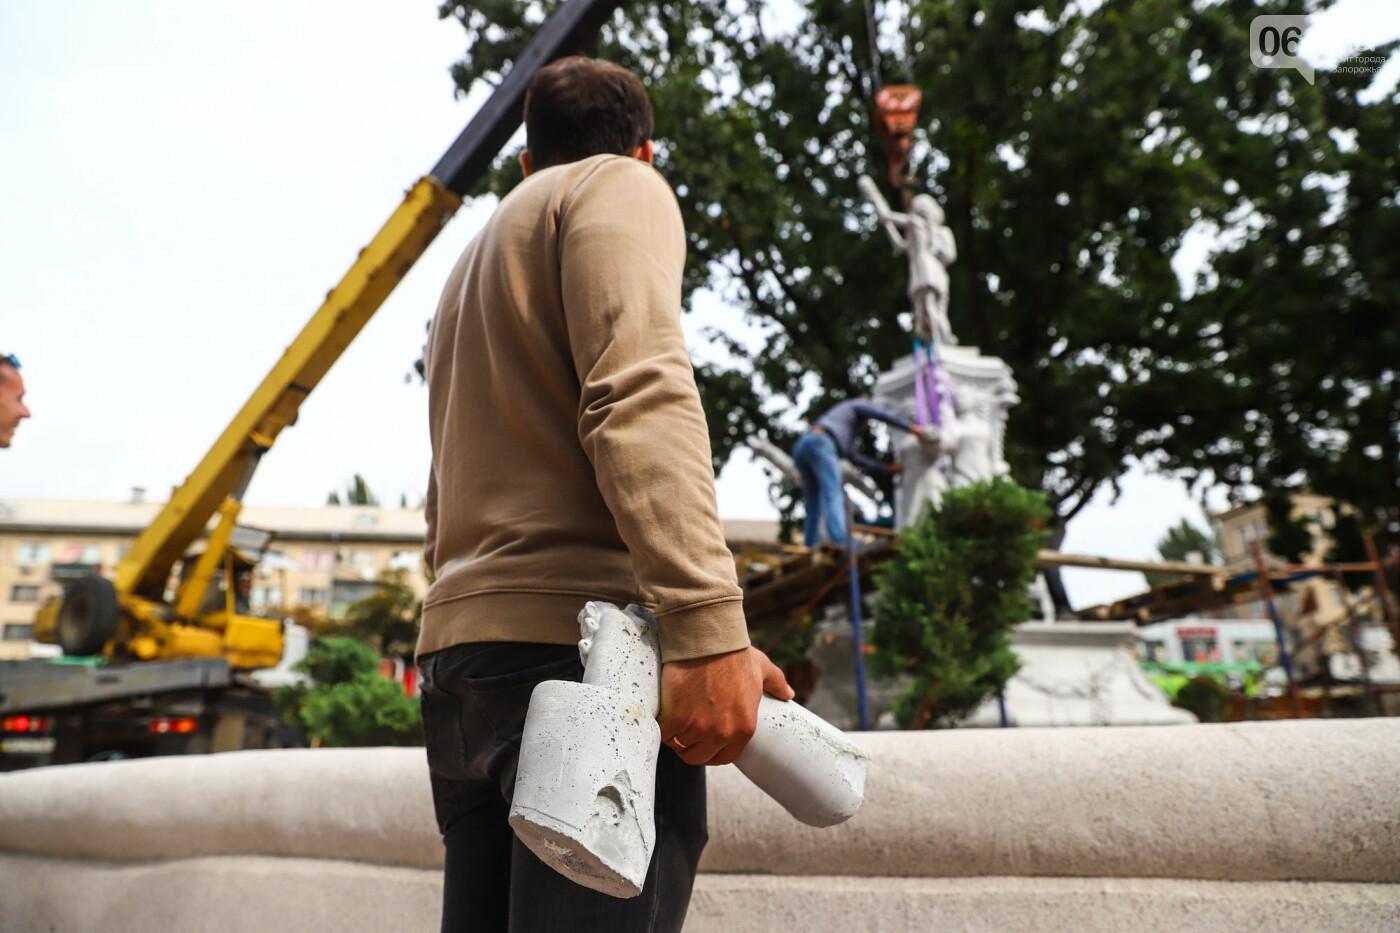 ЛГБТ-прайд, эко-митинг и восстановленные скульптуры в сквере Пионеров: сентябрь в фотографиях , фото-132